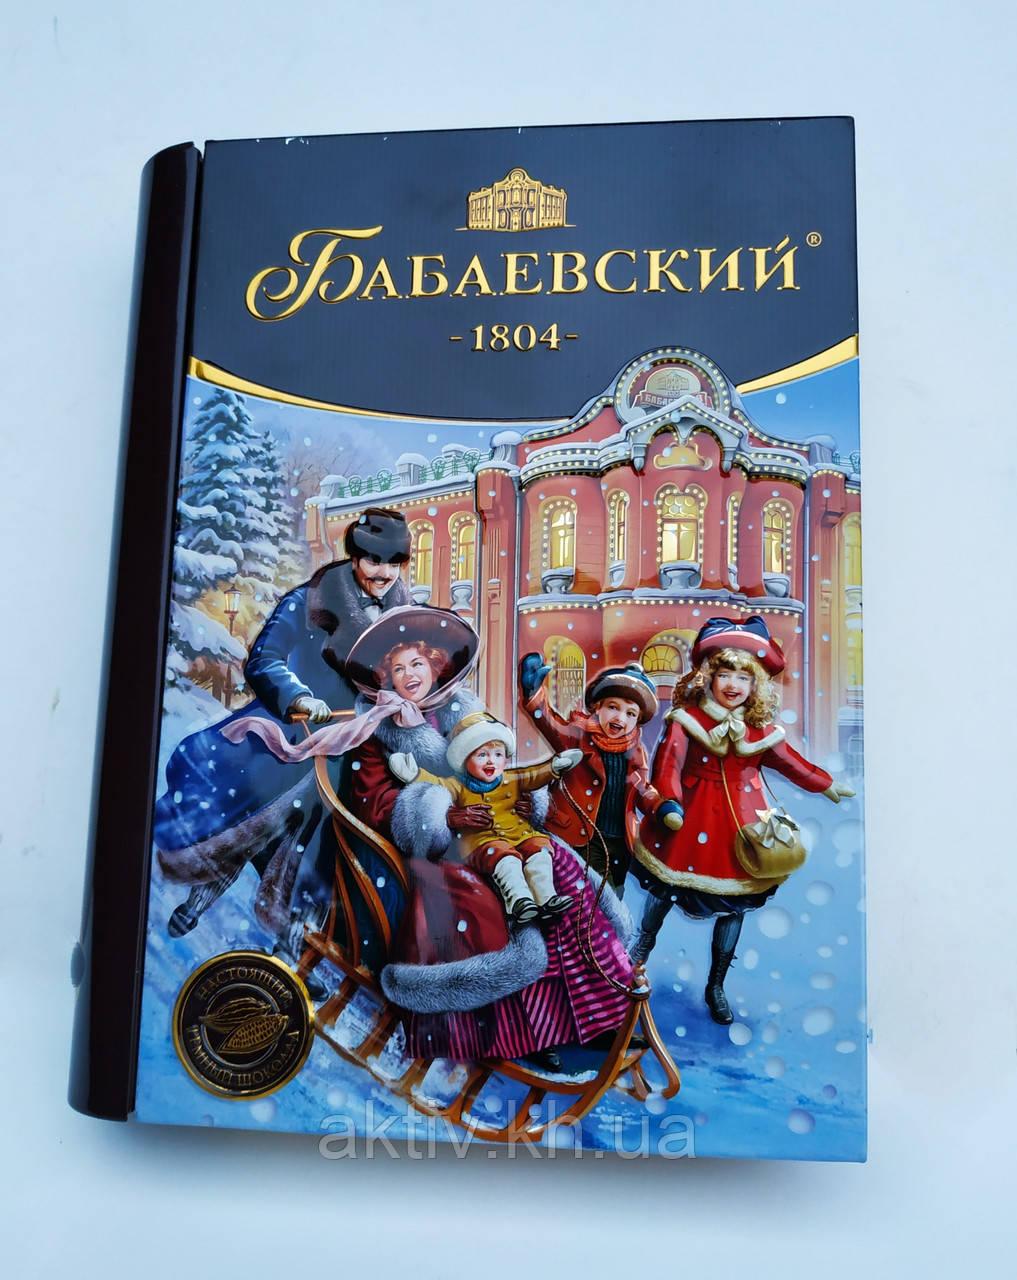 """Новорічний подарунок ,, Книга Бабаєвський"""" 256 грам"""